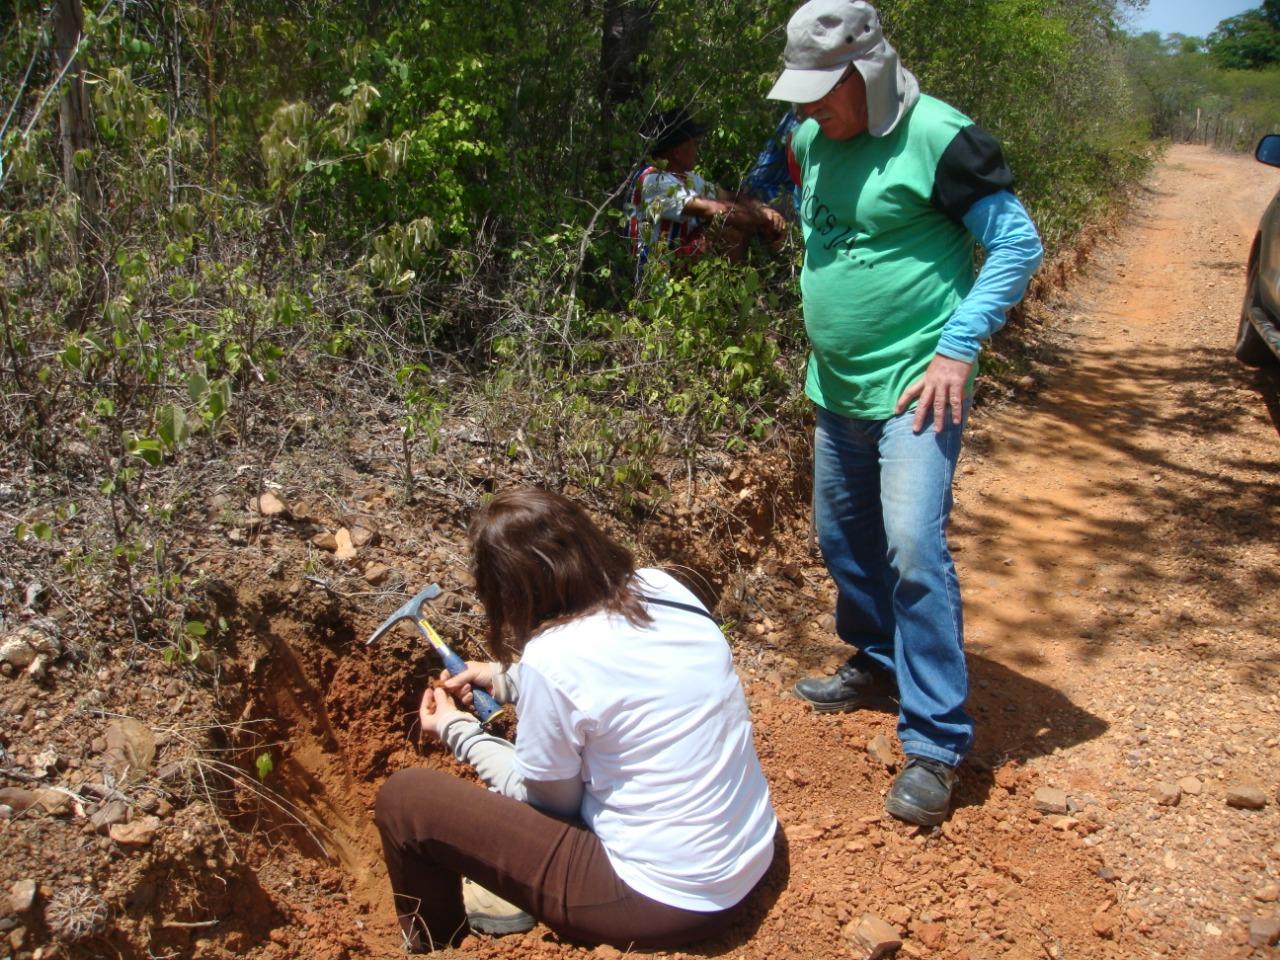 Equipe de Meio Ambiente em campo (FOTO: Funceme/Divulgação)